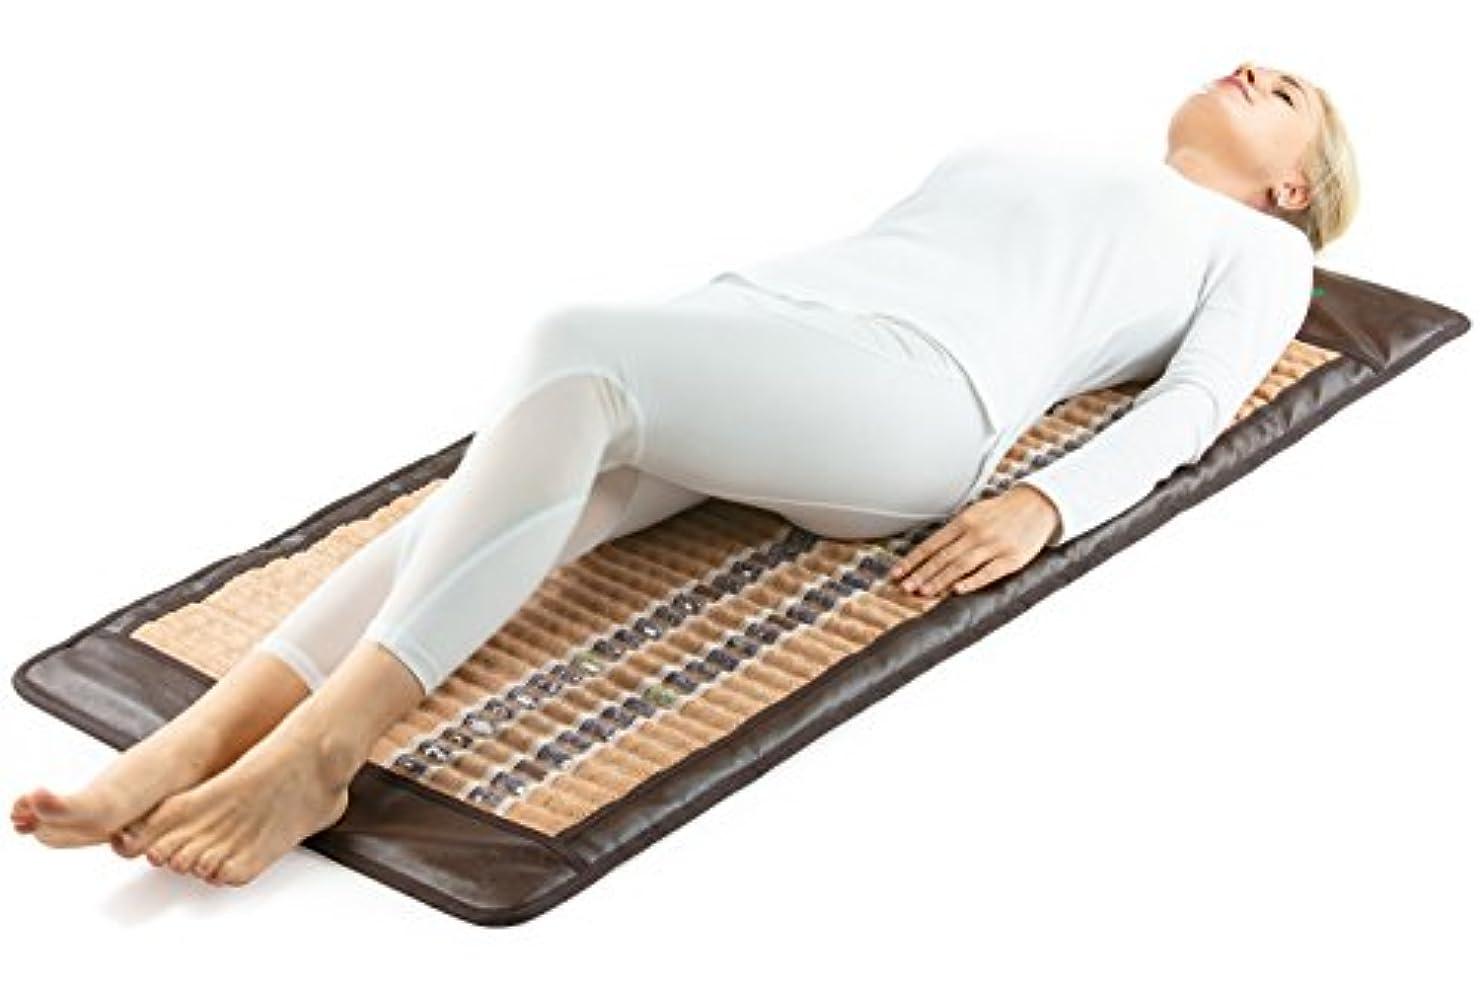 InfraMatPro®3 in 1ヒーリングセラピー - 赤外線ヒートパッド - 痛みを和らげ、痛みのある筋肉 - 関節炎と傷害の回復 - (ソフト&フレキシブル150 cm x 60 cm) - 調節可能な温度設定...